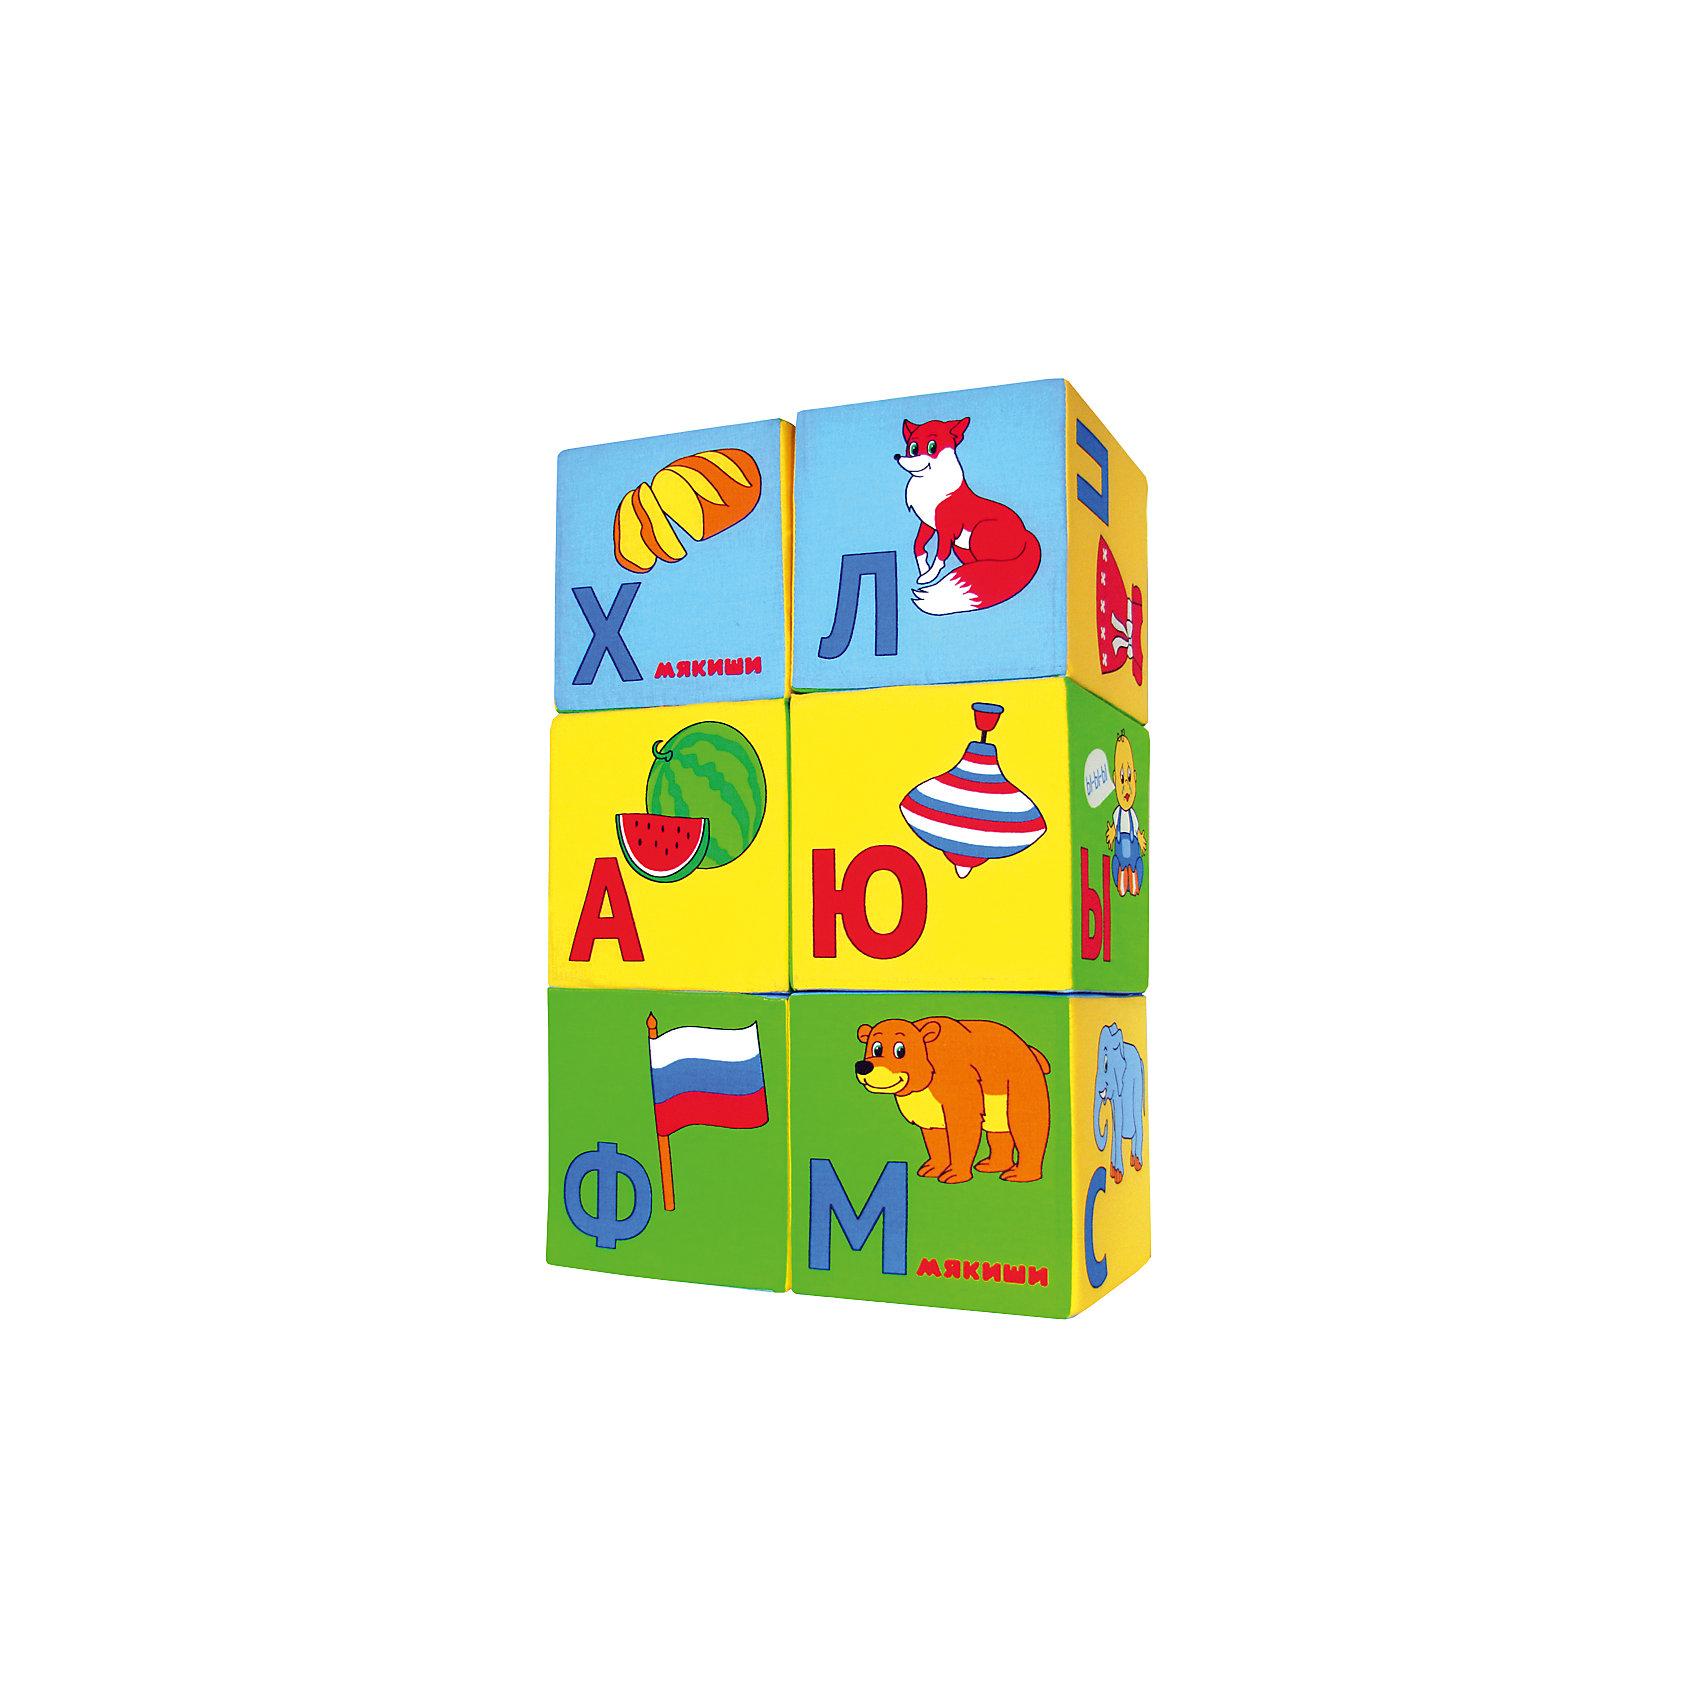 Кубики Азбука в картинках, МякишиМягкие игрушки<br>Характеристики товара:<br><br>• материал: хлопок, поролон<br>• комплектация: 6 шт<br>• размер игрушки: 8 см<br>• цветовое разделение букв на гласные и согласные<br>• развивающая игрушка<br>• упаковка: пакет<br>• страна бренда: РФ<br>• страна изготовитель: РФ<br><br>Малыши активно познают мир и тянутся к новой информации. Чтобы сделать процесс изучения окружающего пространства интереснее, ребенку можно подарить развивающие игрушки. В процессе игры информация усваивается намного лучше!<br>Такие кубики помогут занять малыша, играть ими приятно и весело. Одновременно они позволят познакомиться со многими цветами, фактурами и предметами, которые ребенку предстоит встретить, а также начать осваивать алфавит. Такие игрушки развивают тактильные ощущения, моторику, цветовосприятие, логику, воображение, учат фокусировать внимание. Каждое изделие абсолютно безопасно – оно создано из качественной ткани с мягким наполнителем. Игрушки производятся из качественных и проверенных материалов, которые безопасны для детей.<br><br>Кубики Азбука в картинках от бренда Мякиши можно купить в нашем интернет-магазине.<br><br>Ширина мм: 160<br>Глубина мм: 80<br>Высота мм: 240<br>Вес г: 40<br>Возраст от месяцев: 12<br>Возраст до месяцев: 36<br>Пол: Унисекс<br>Возраст: Детский<br>SKU: 5183182